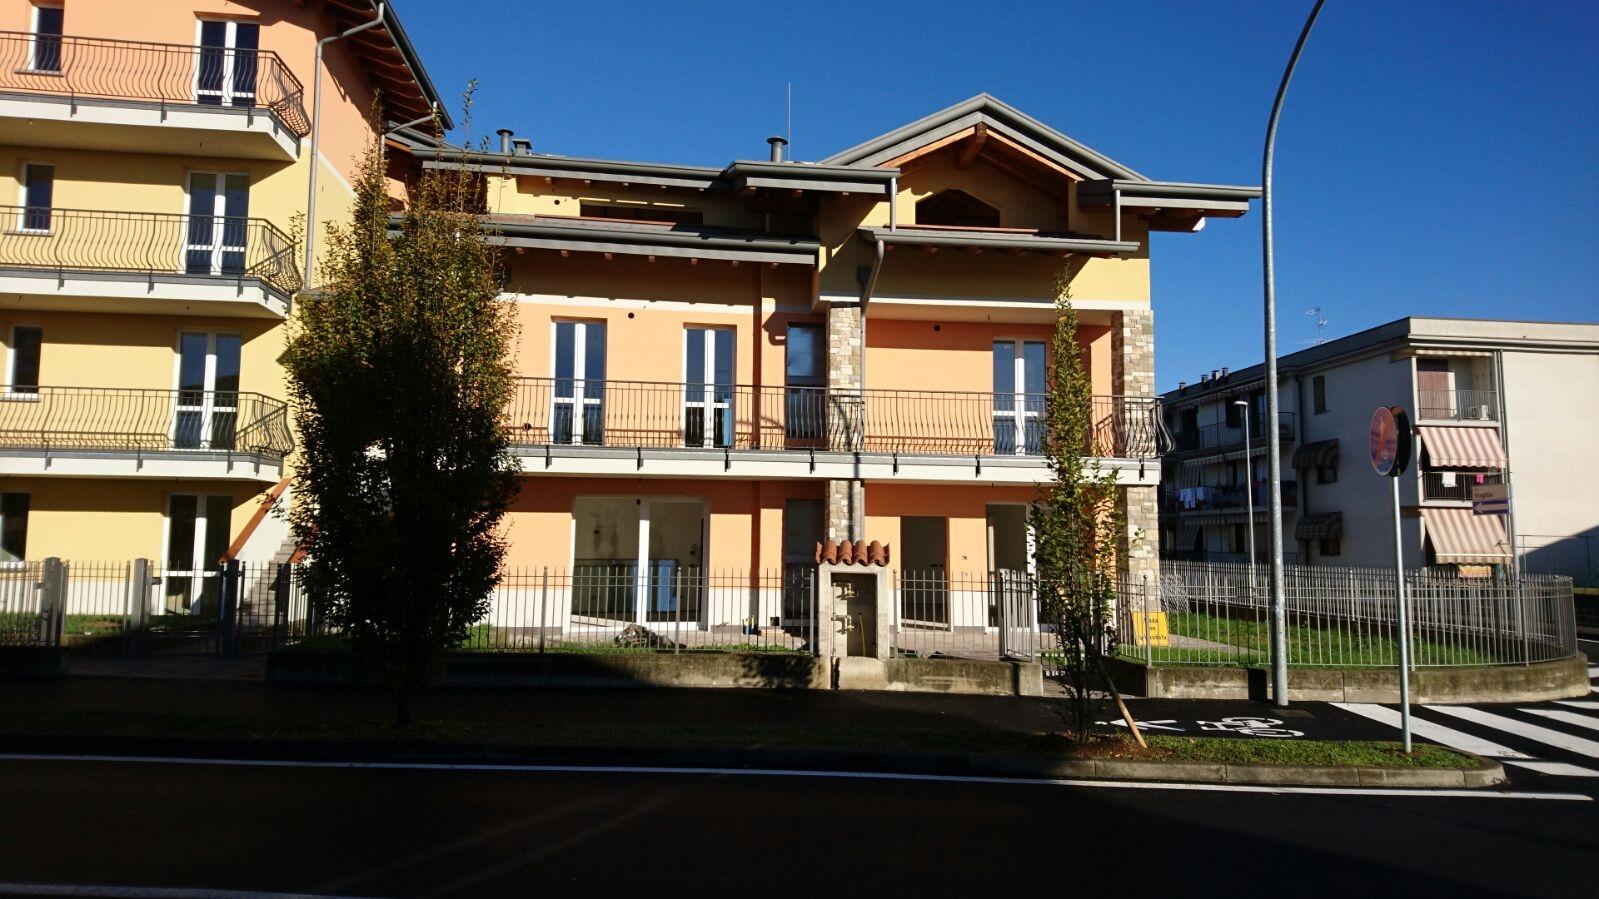 Appartamento in vendita a Ciserano, 3 locali, prezzo € 160.000 | CambioCasa.it